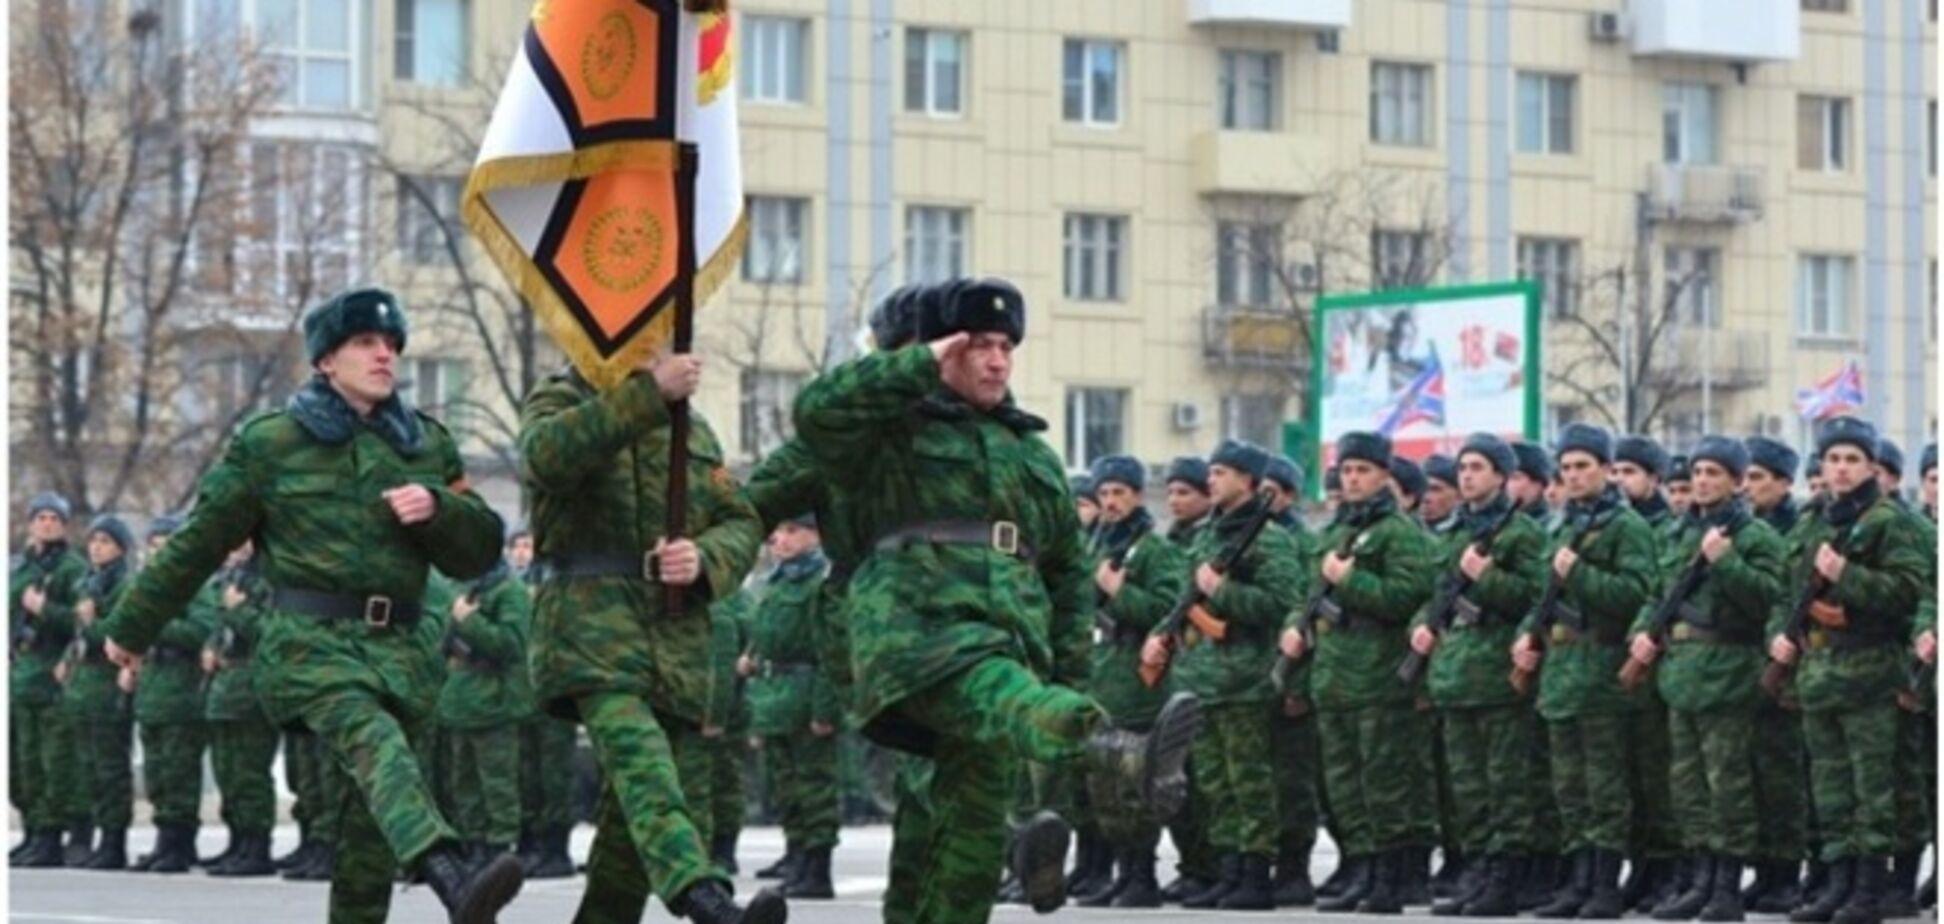 Заполярная бригада воюет в Луганске под видом войск 'ЛНР': фотофакт